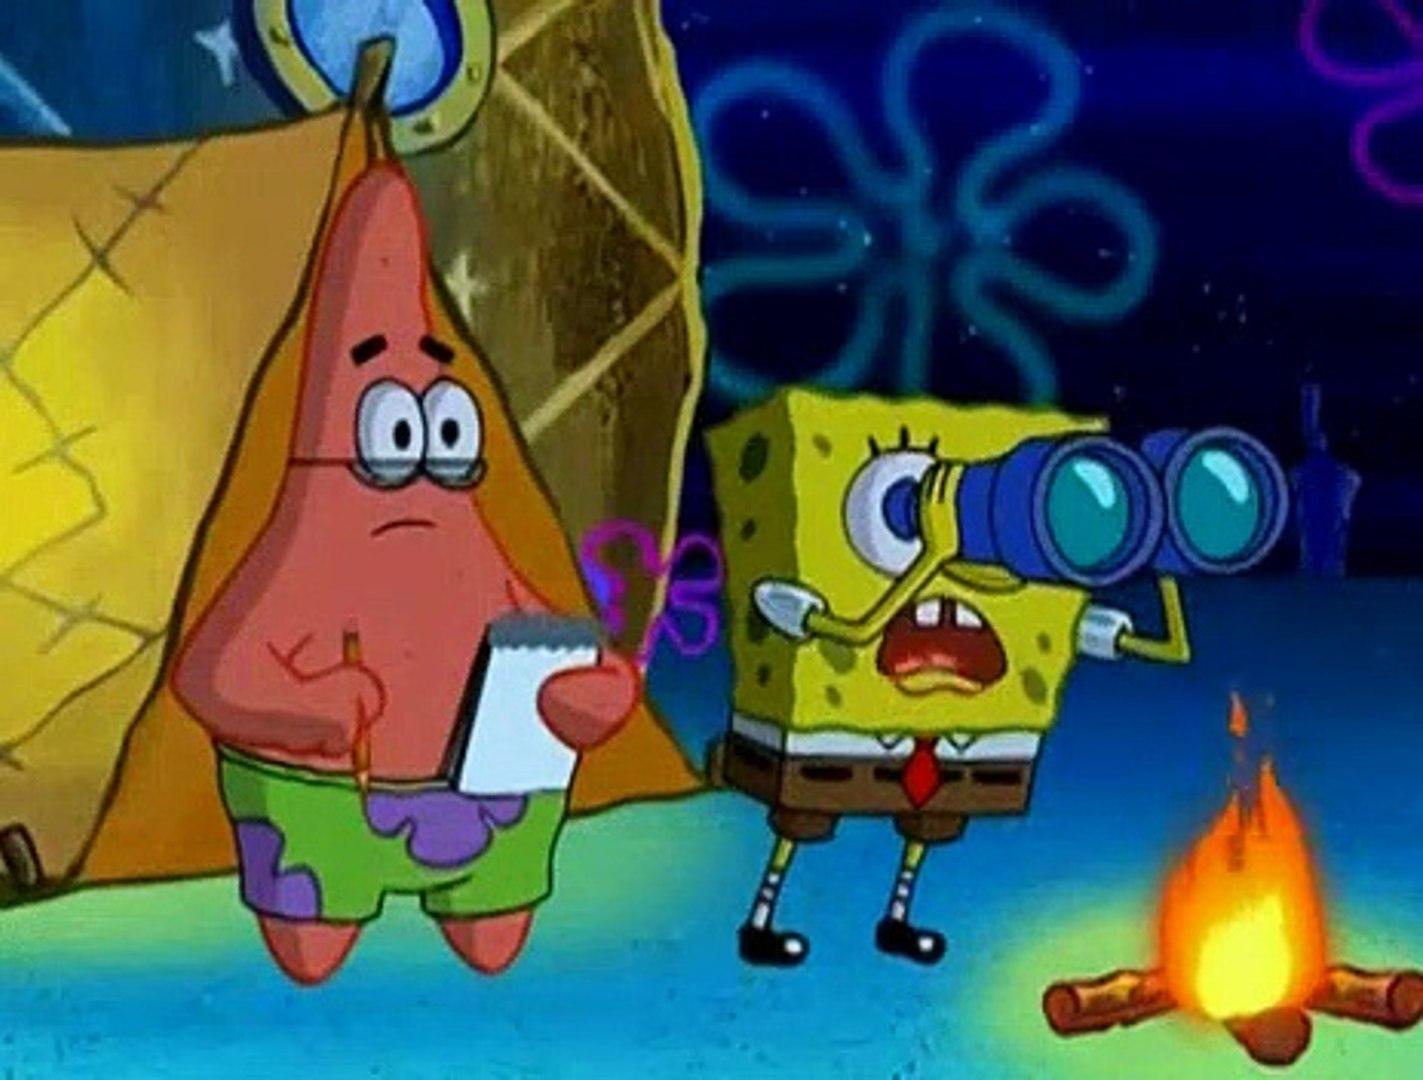 spongebob squarepants s03e36 the